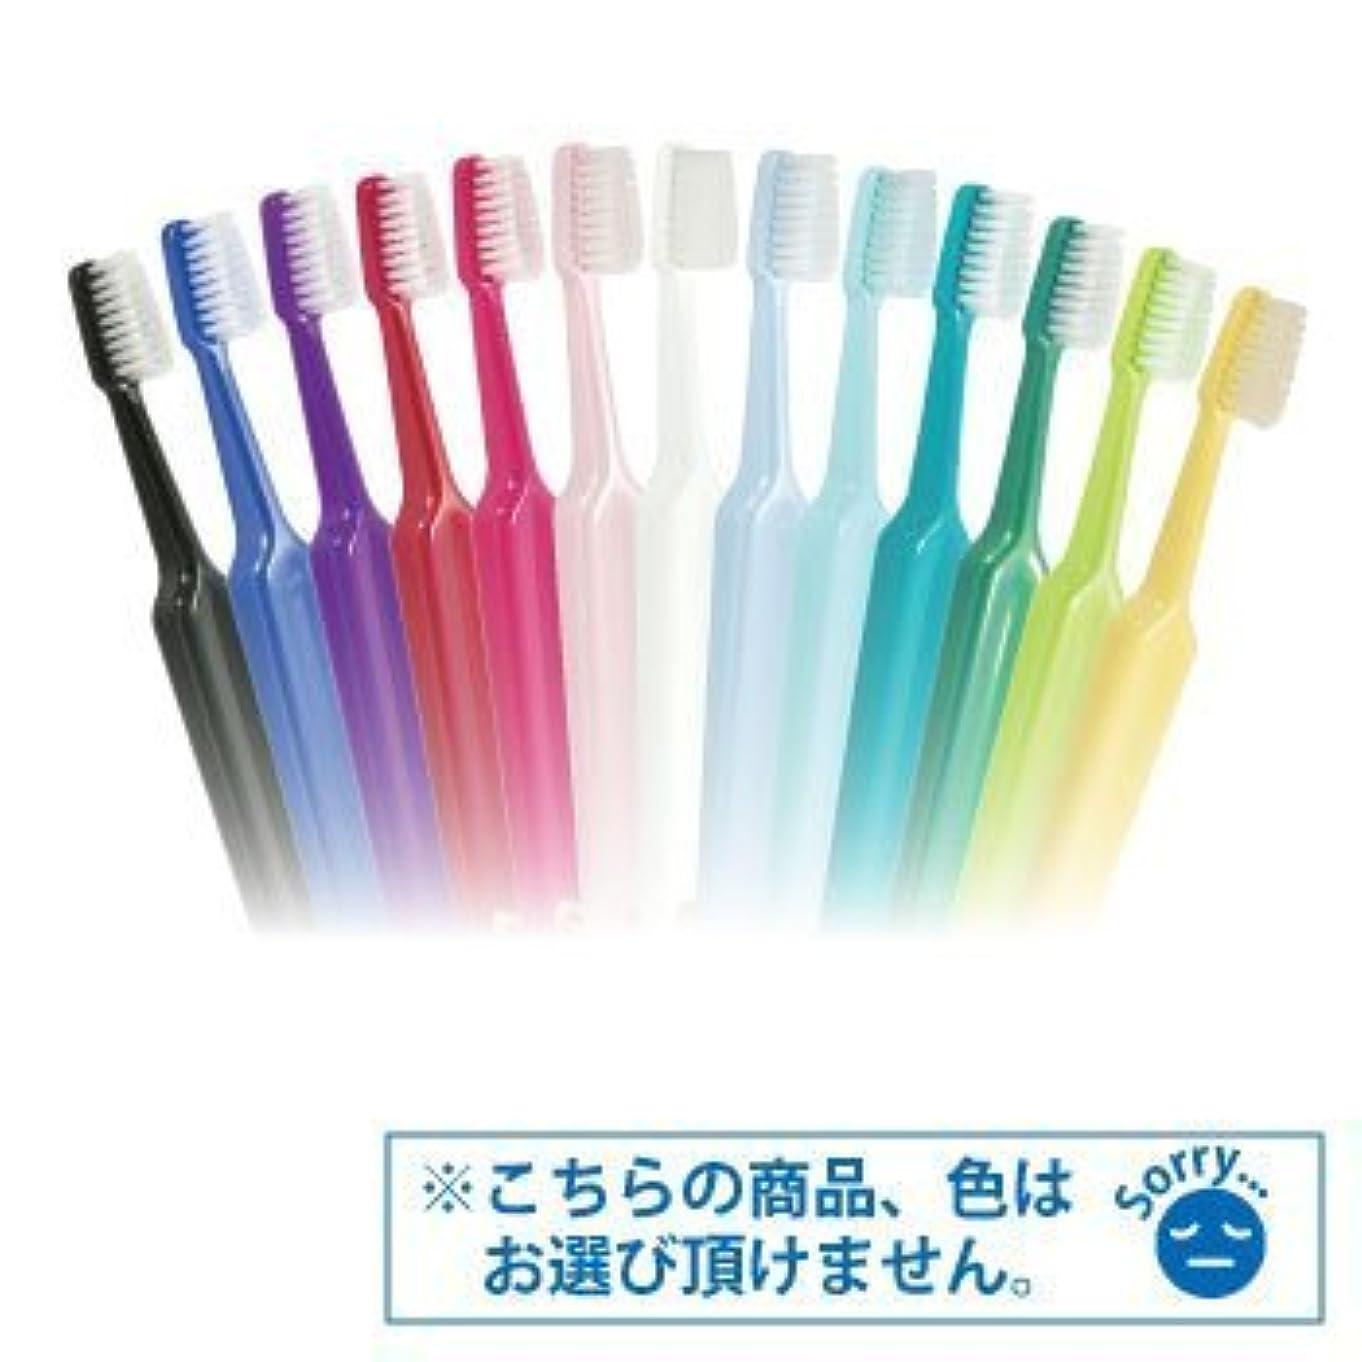 文言幻影浪費Tepe歯ブラシ セレクトコンパクト /ソフト 30本入り